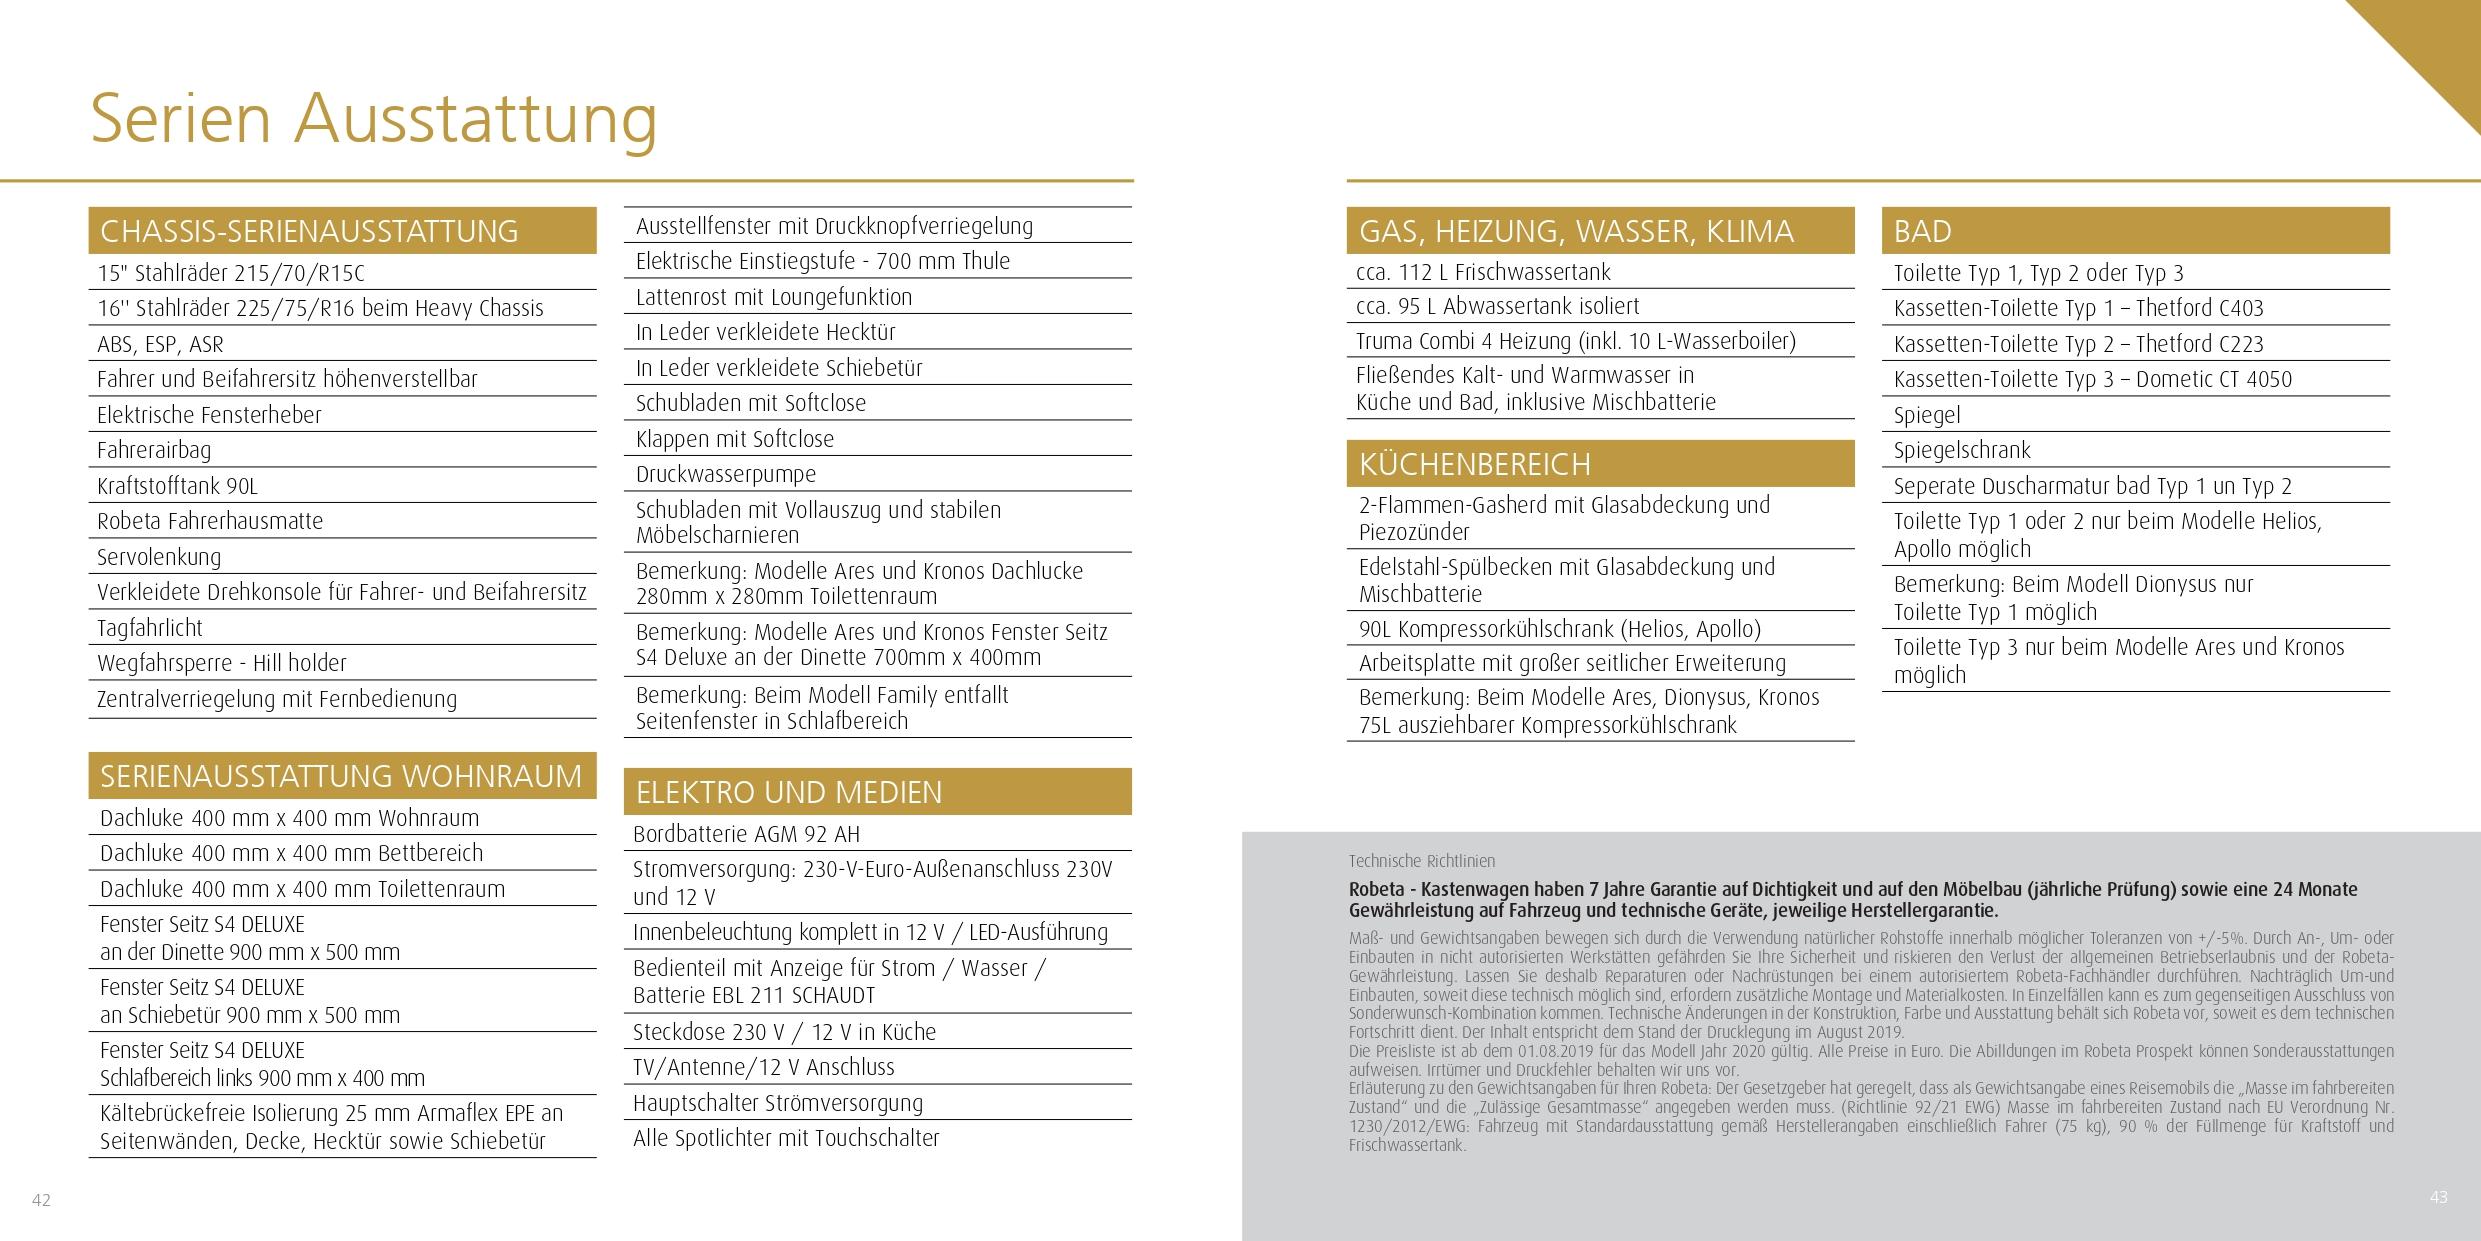 Robeta Katalog_DE_2020_page-0022